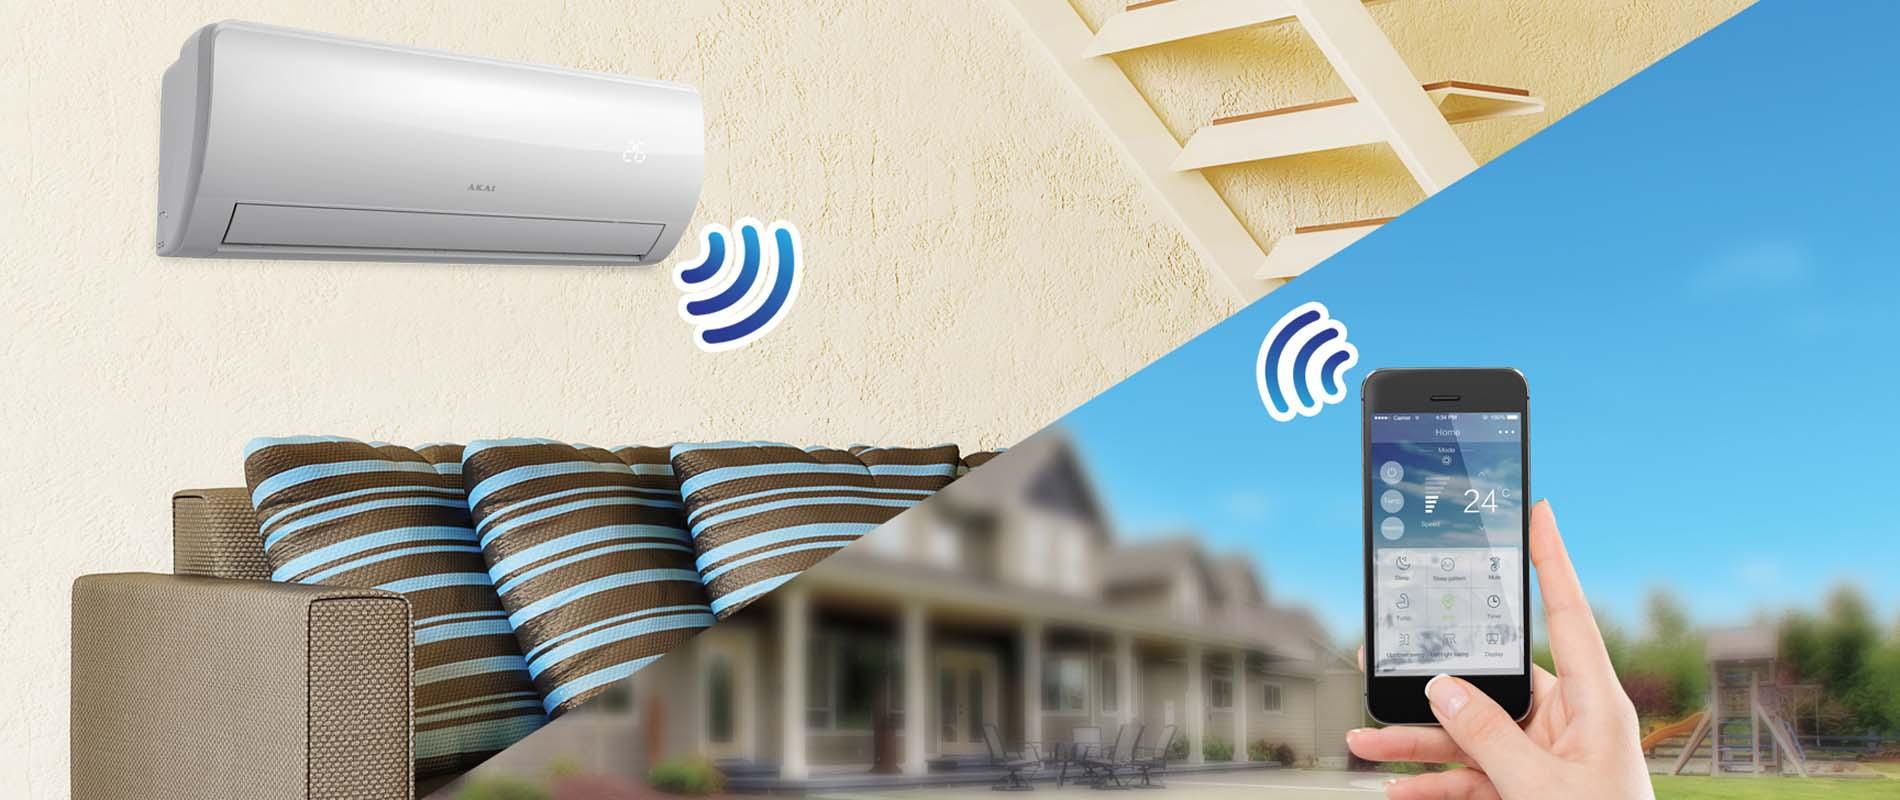 управление кондиционером по wi-fi